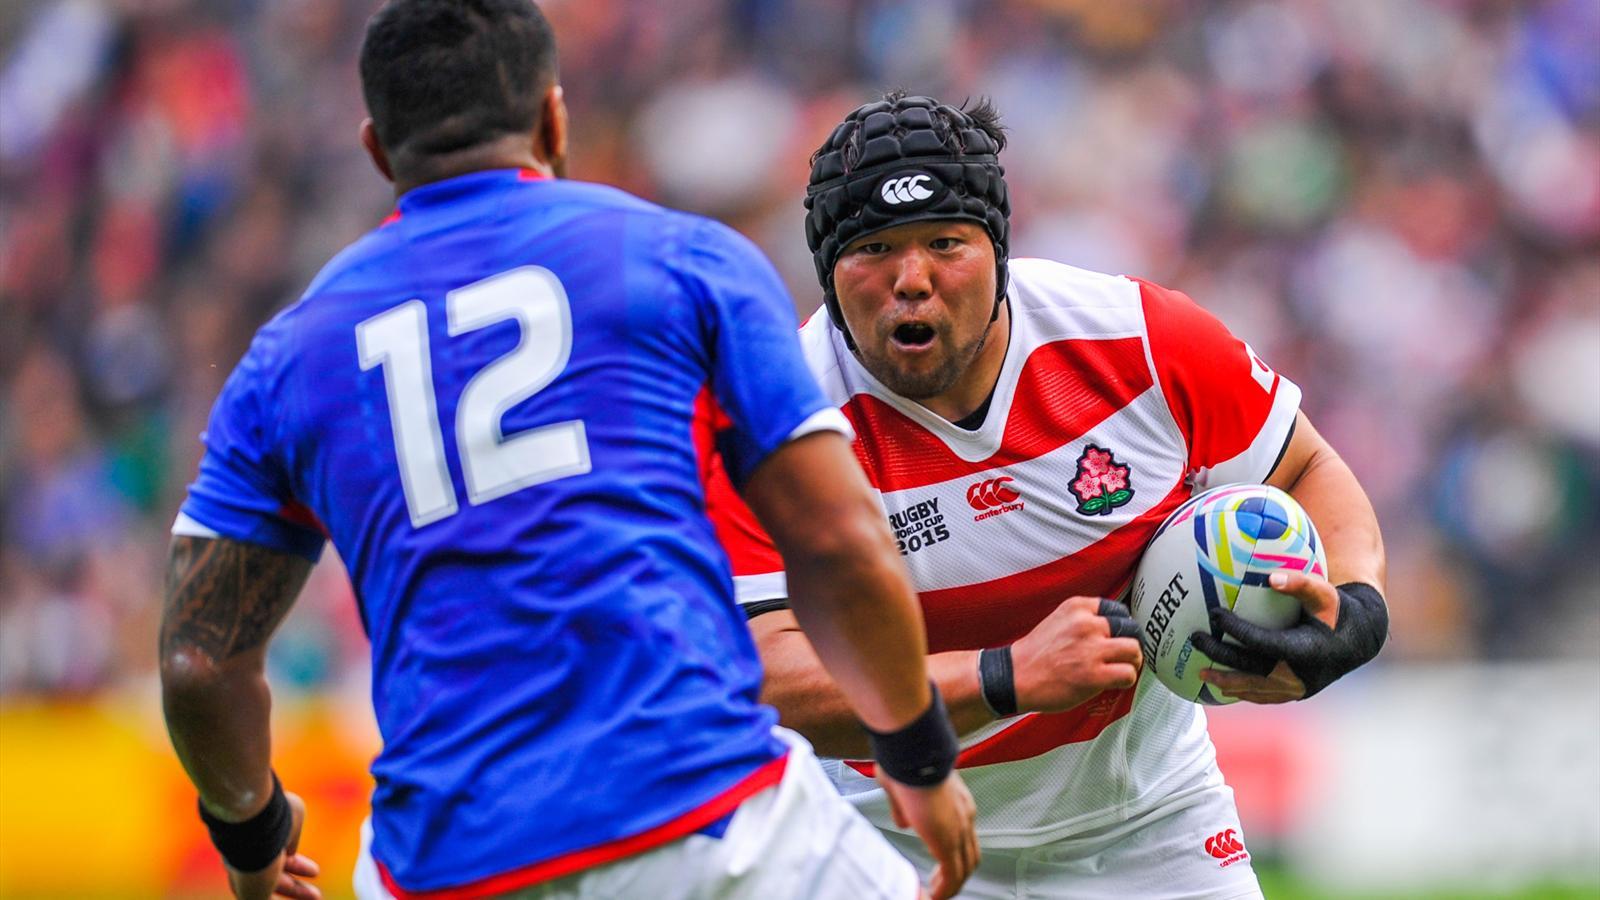 Coupe du monde le japon continue d 39 pater et peut - Quart de finale coupe du monde 2015 ...